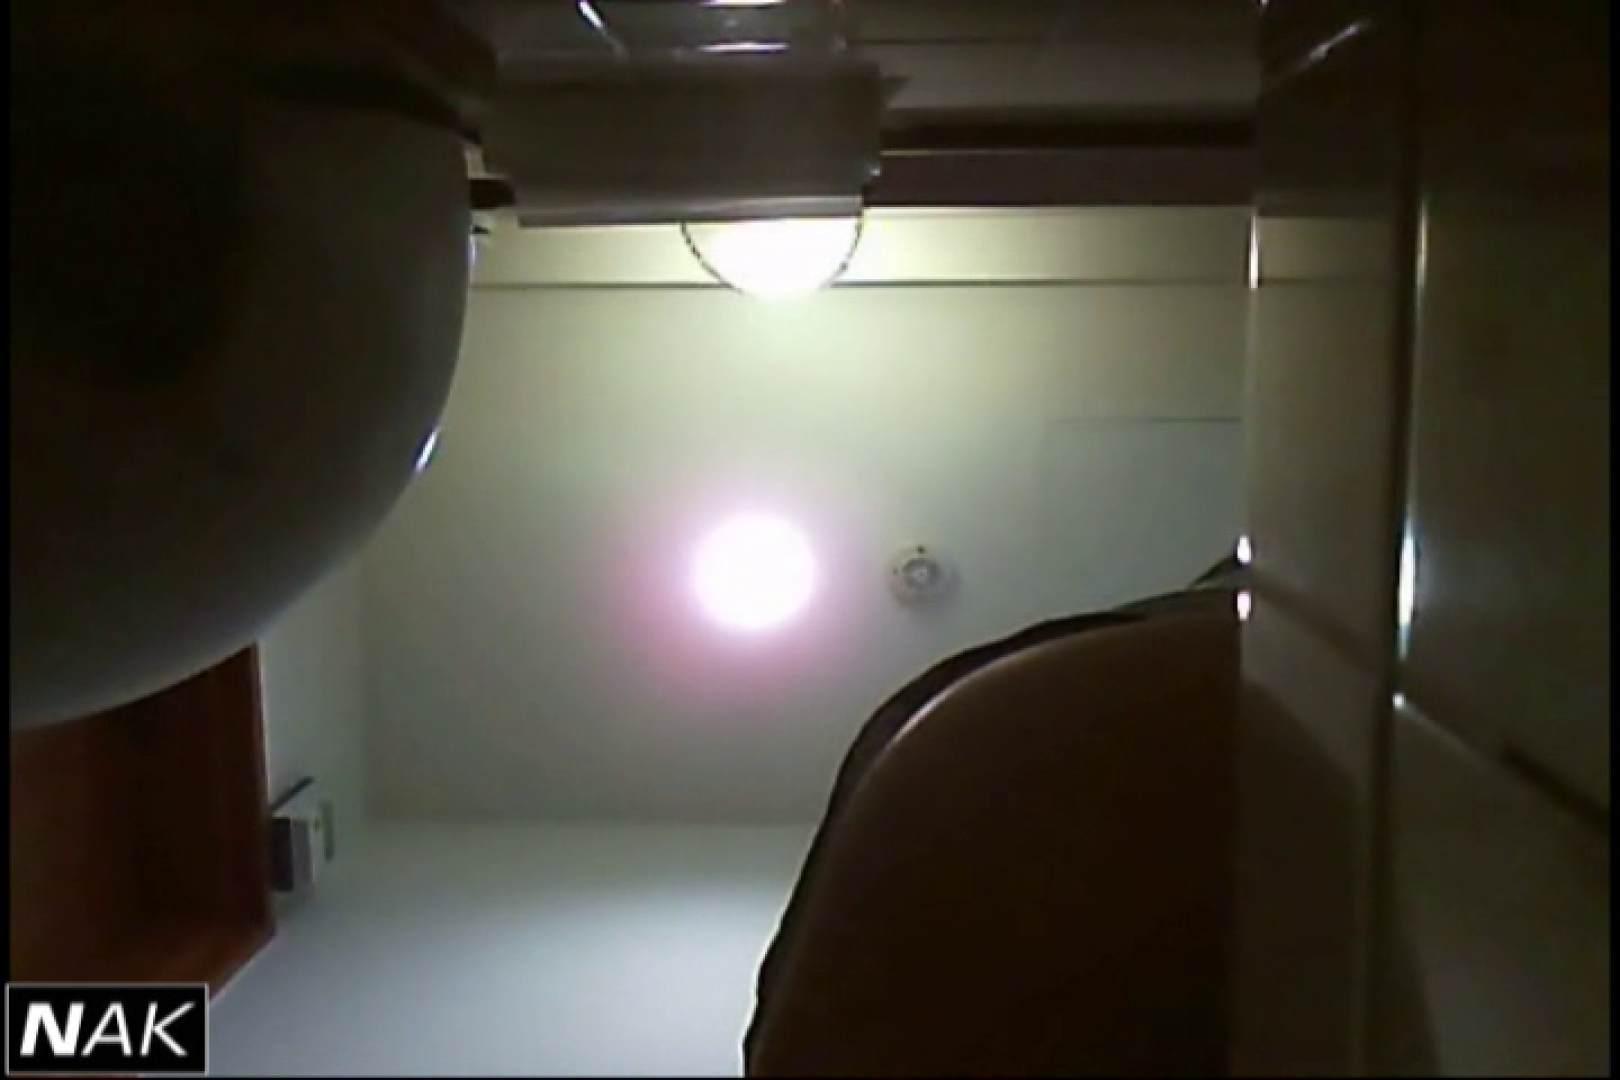 亀さんかわや VIP和式2カメバージョン! vol.14 禁断の黄金水 スケベ動画紹介 100pic 55